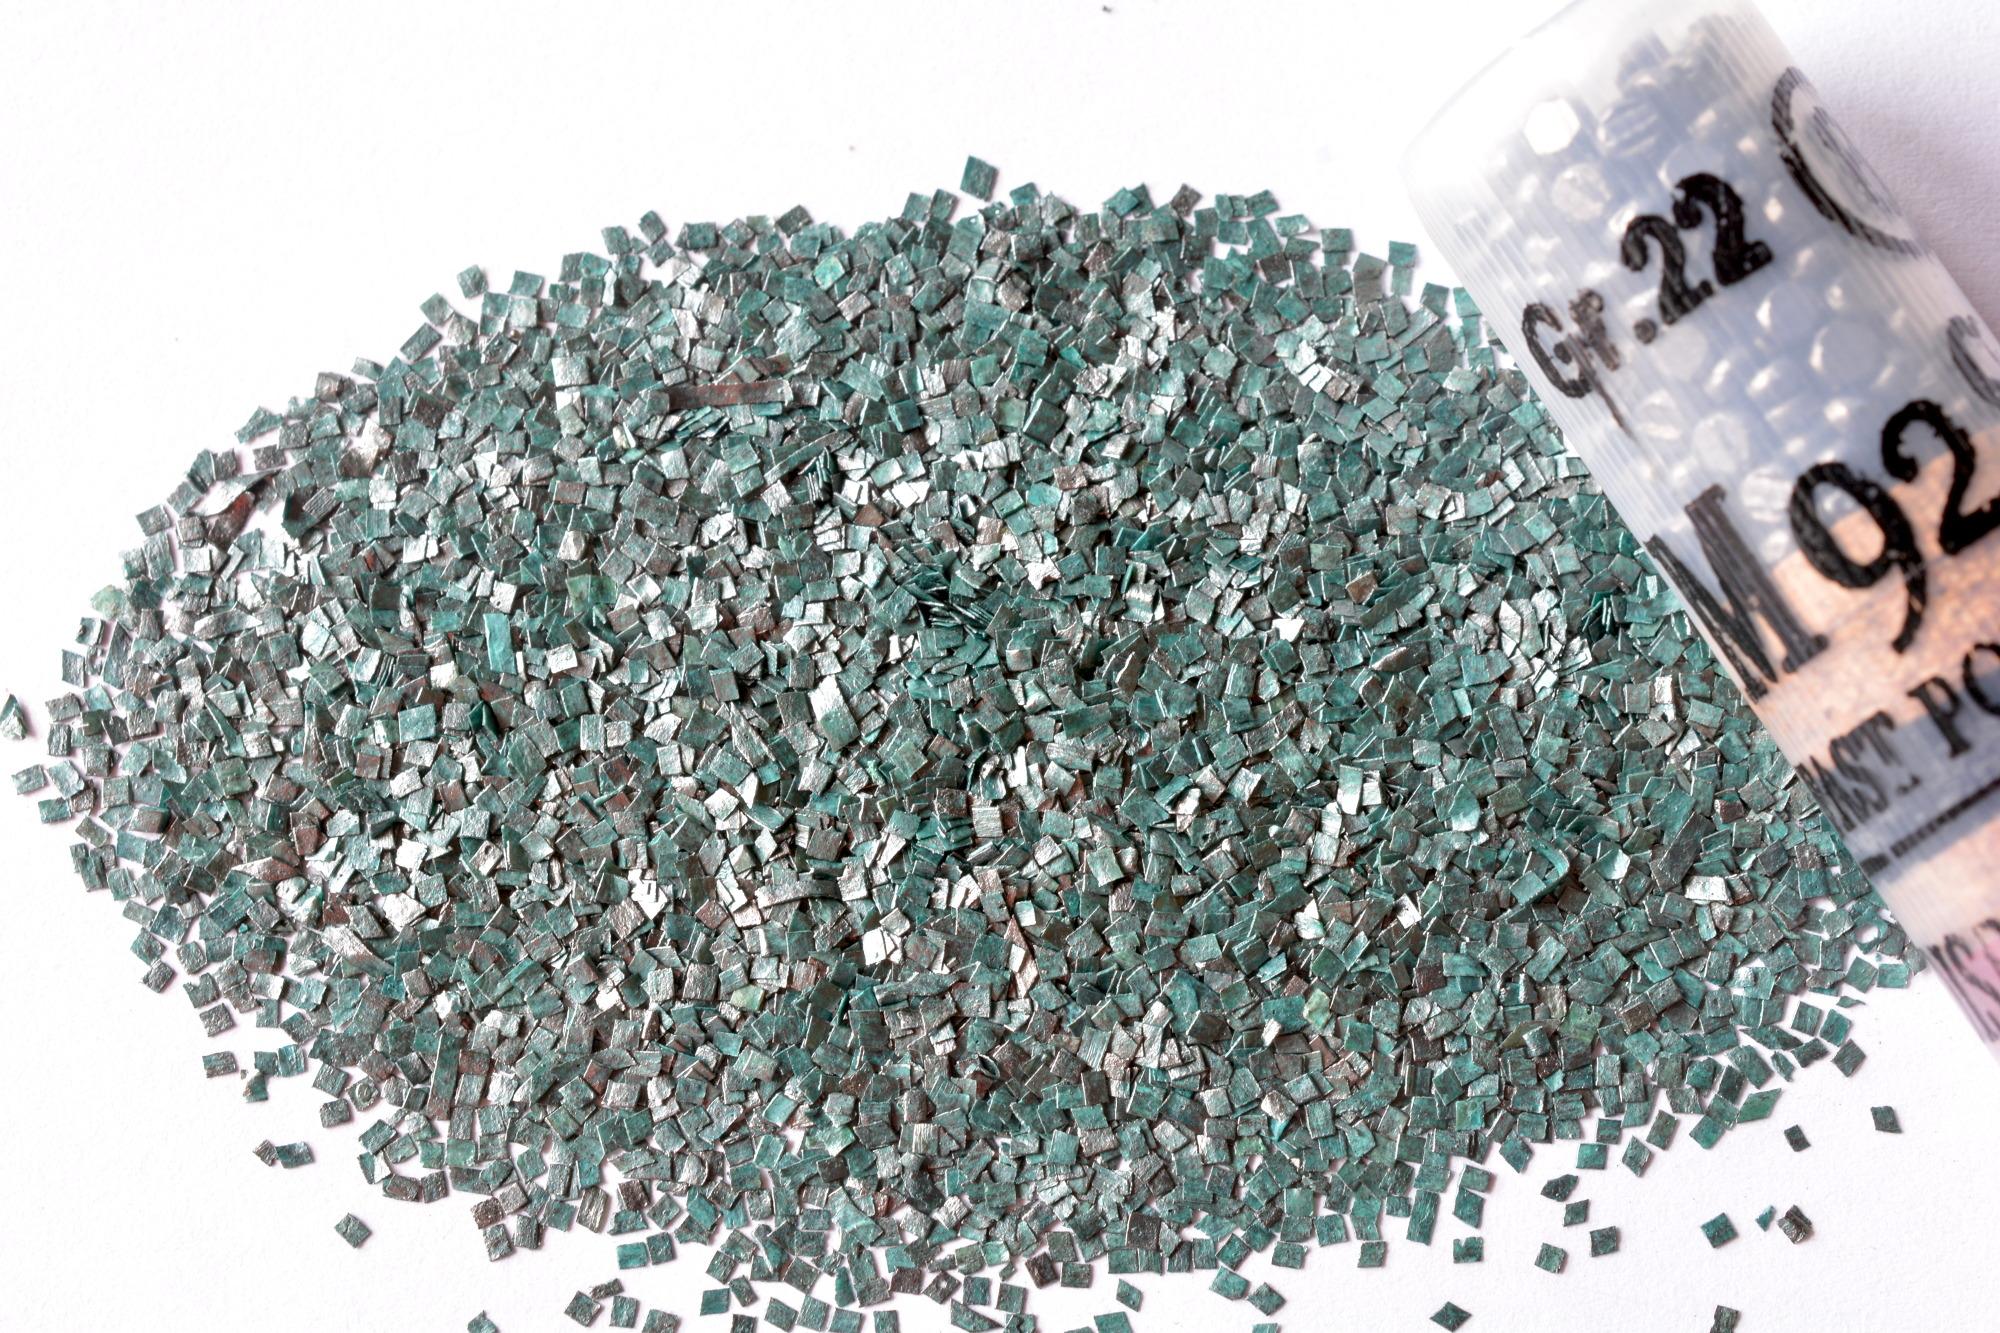 propellente della cartuccia calibro 28 ricaricata con piombo schiacciato